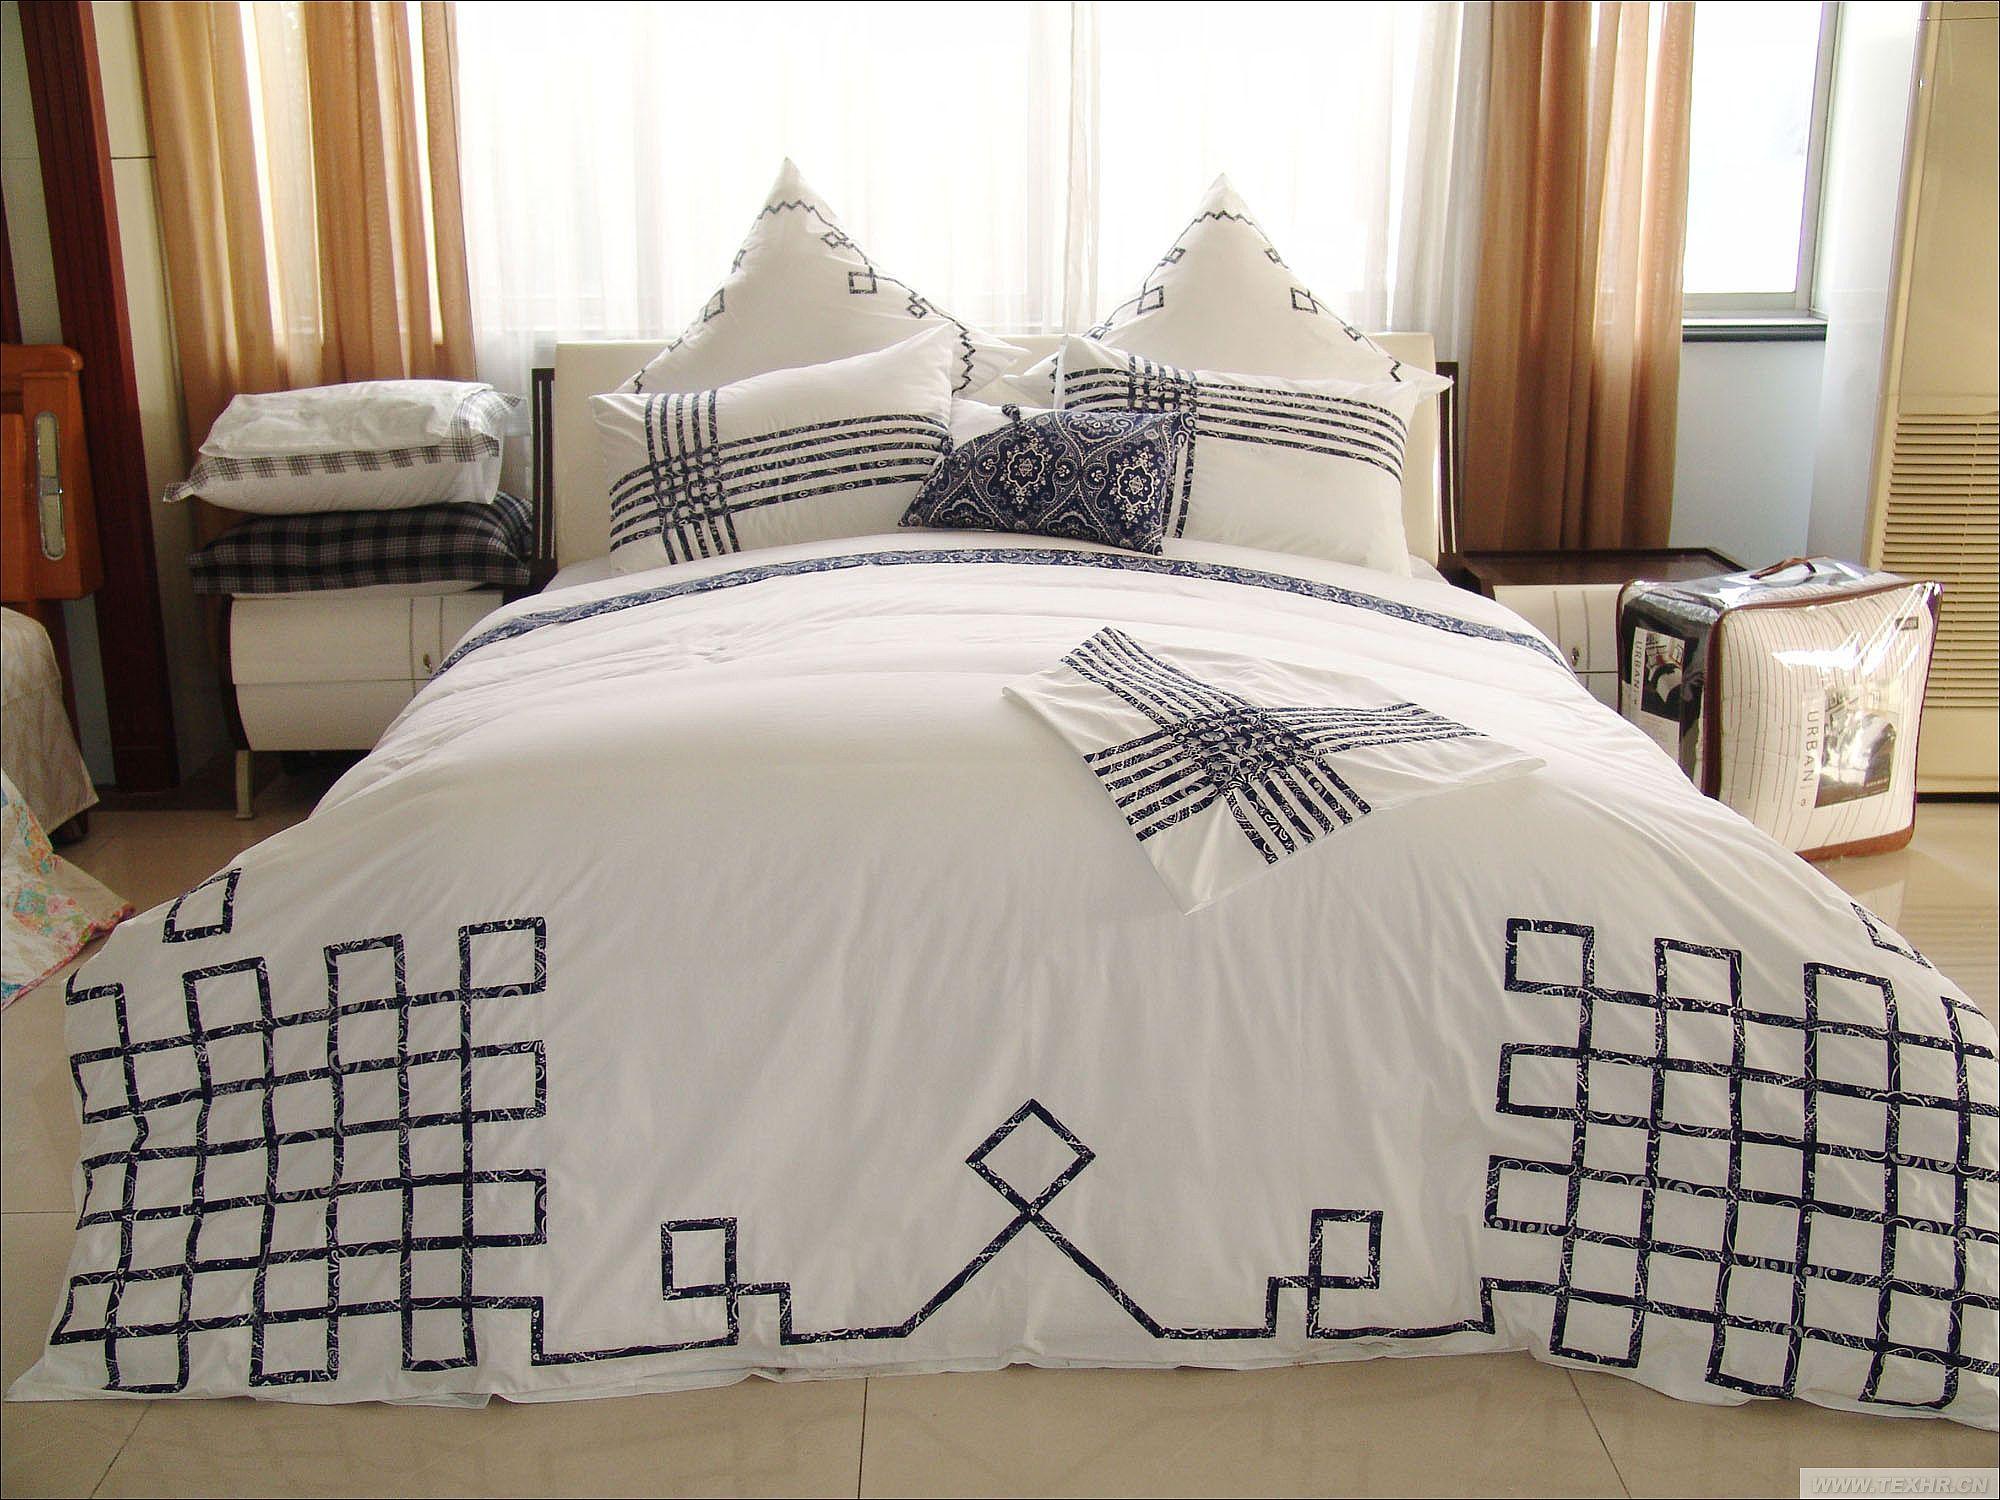 设计灵感来源于青花瓷,运用古典的色彩在配以编制交错的线条,给人清新之感。